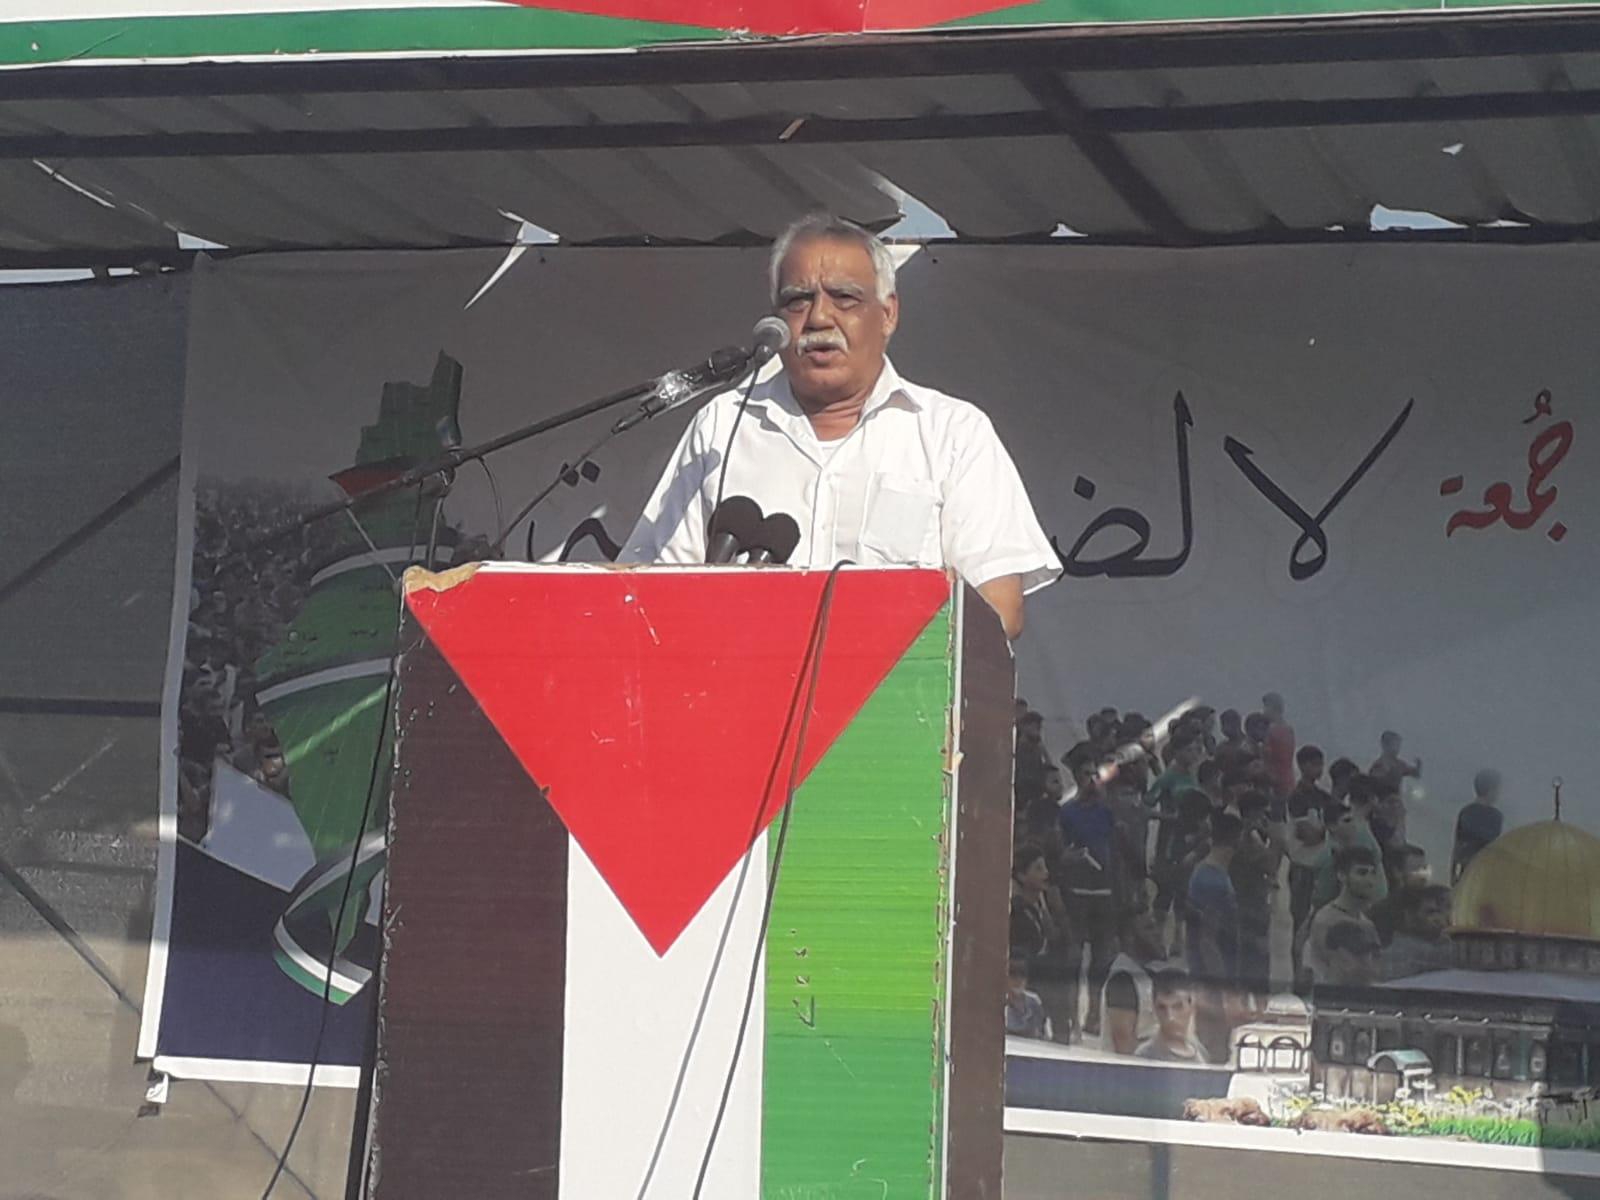 صالح ناصر: تهديدات قادة الاحتلال ضد قطاع غزة لن تنال من عزيمة شعبنا الفلسطيني